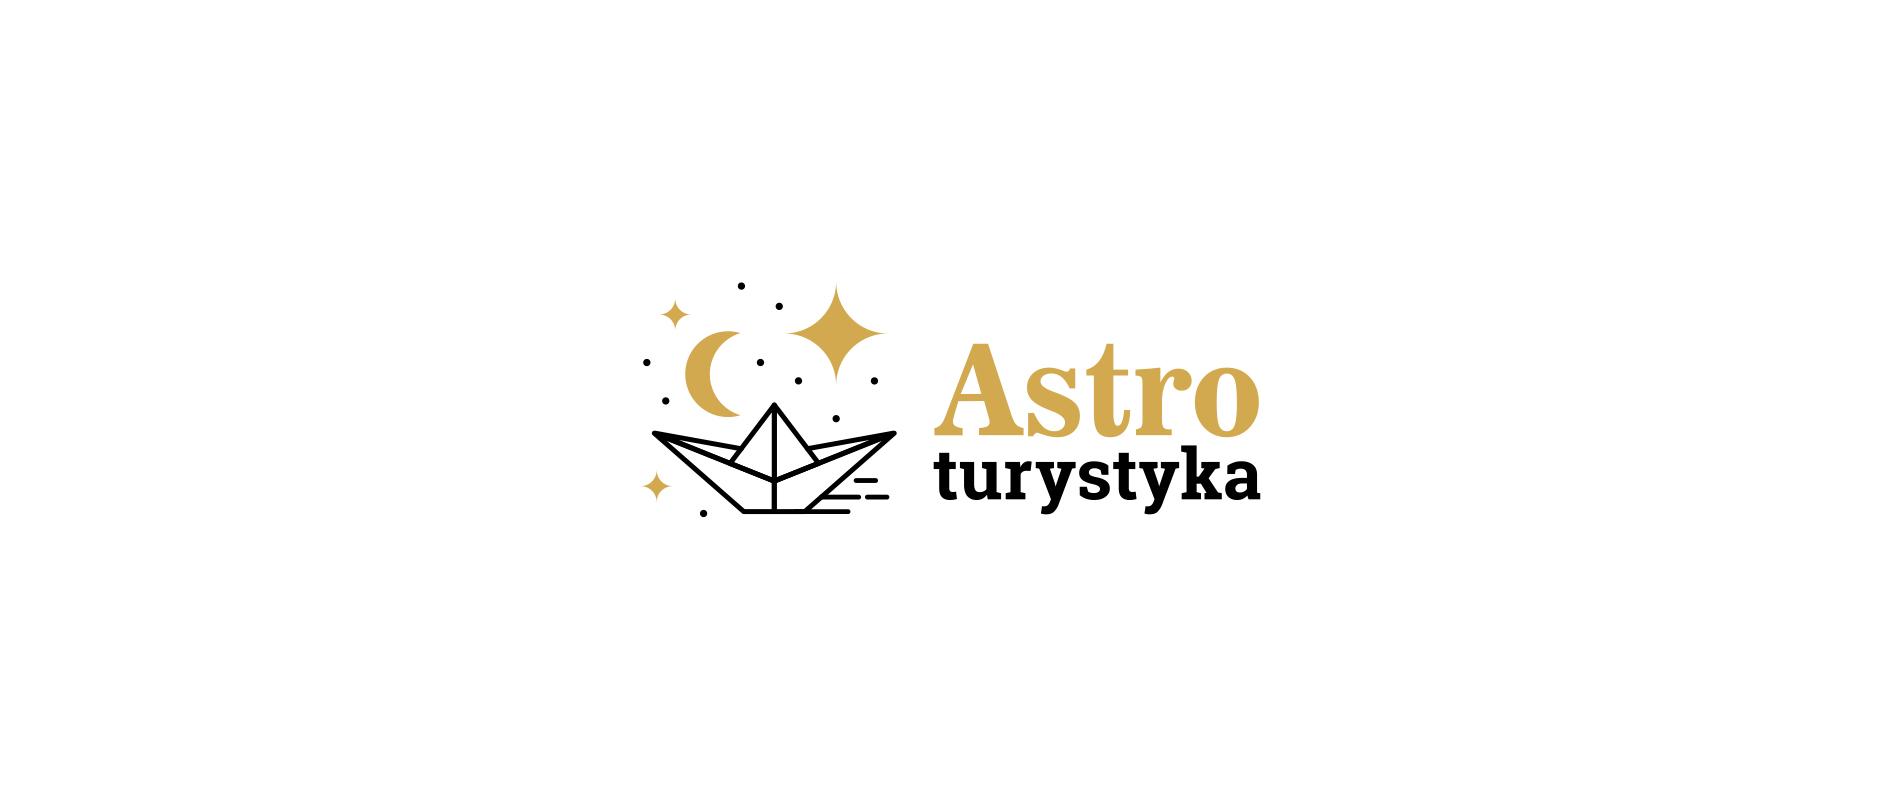 Logo on a white background, horizontal